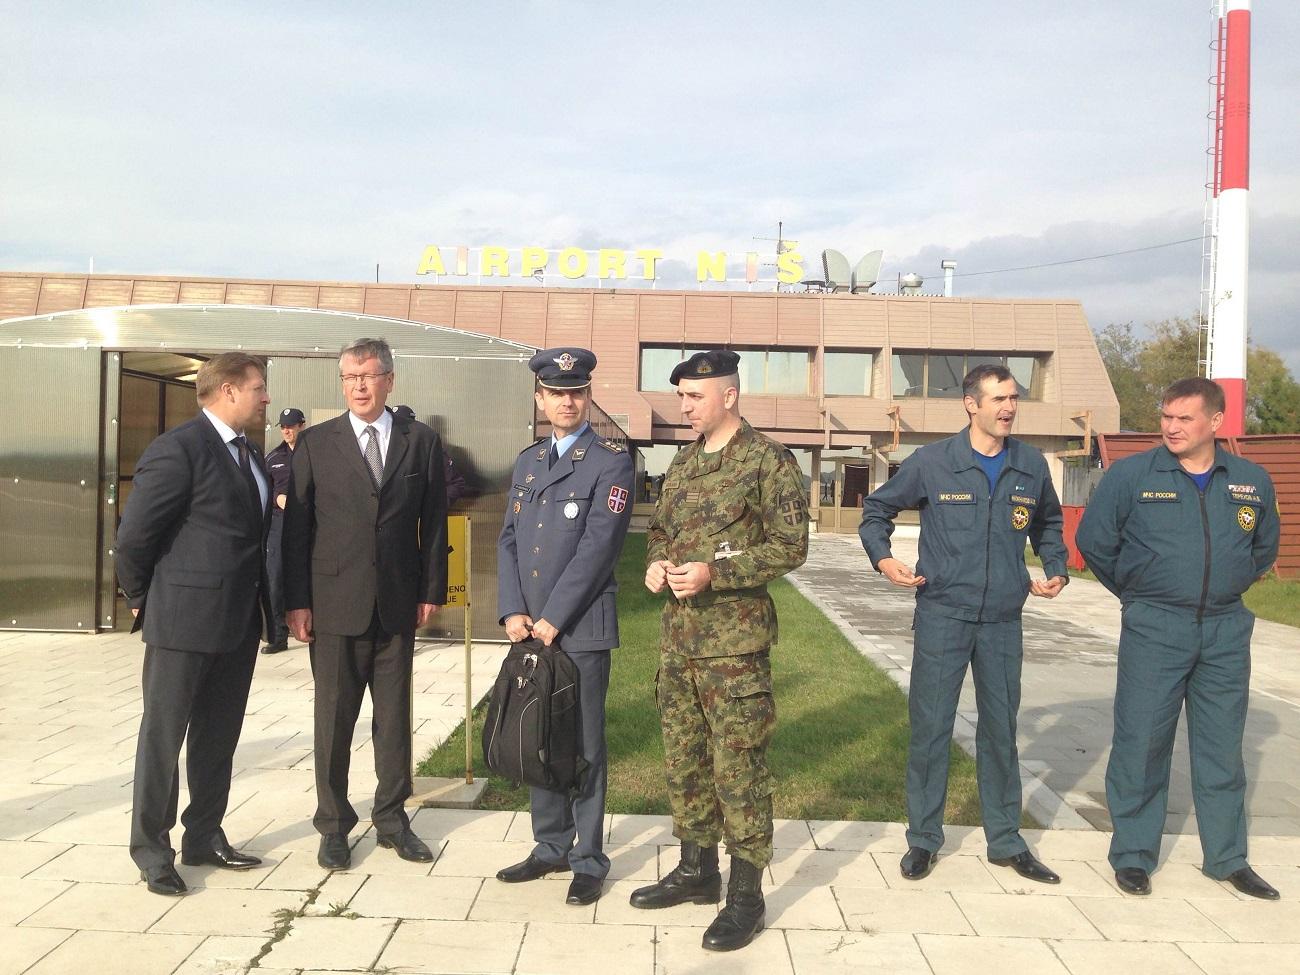 Министарство одбране Србије припремило је готово 50 тона терета. Логистику је обезбедило Министарство за ванредне ситуације Русије.